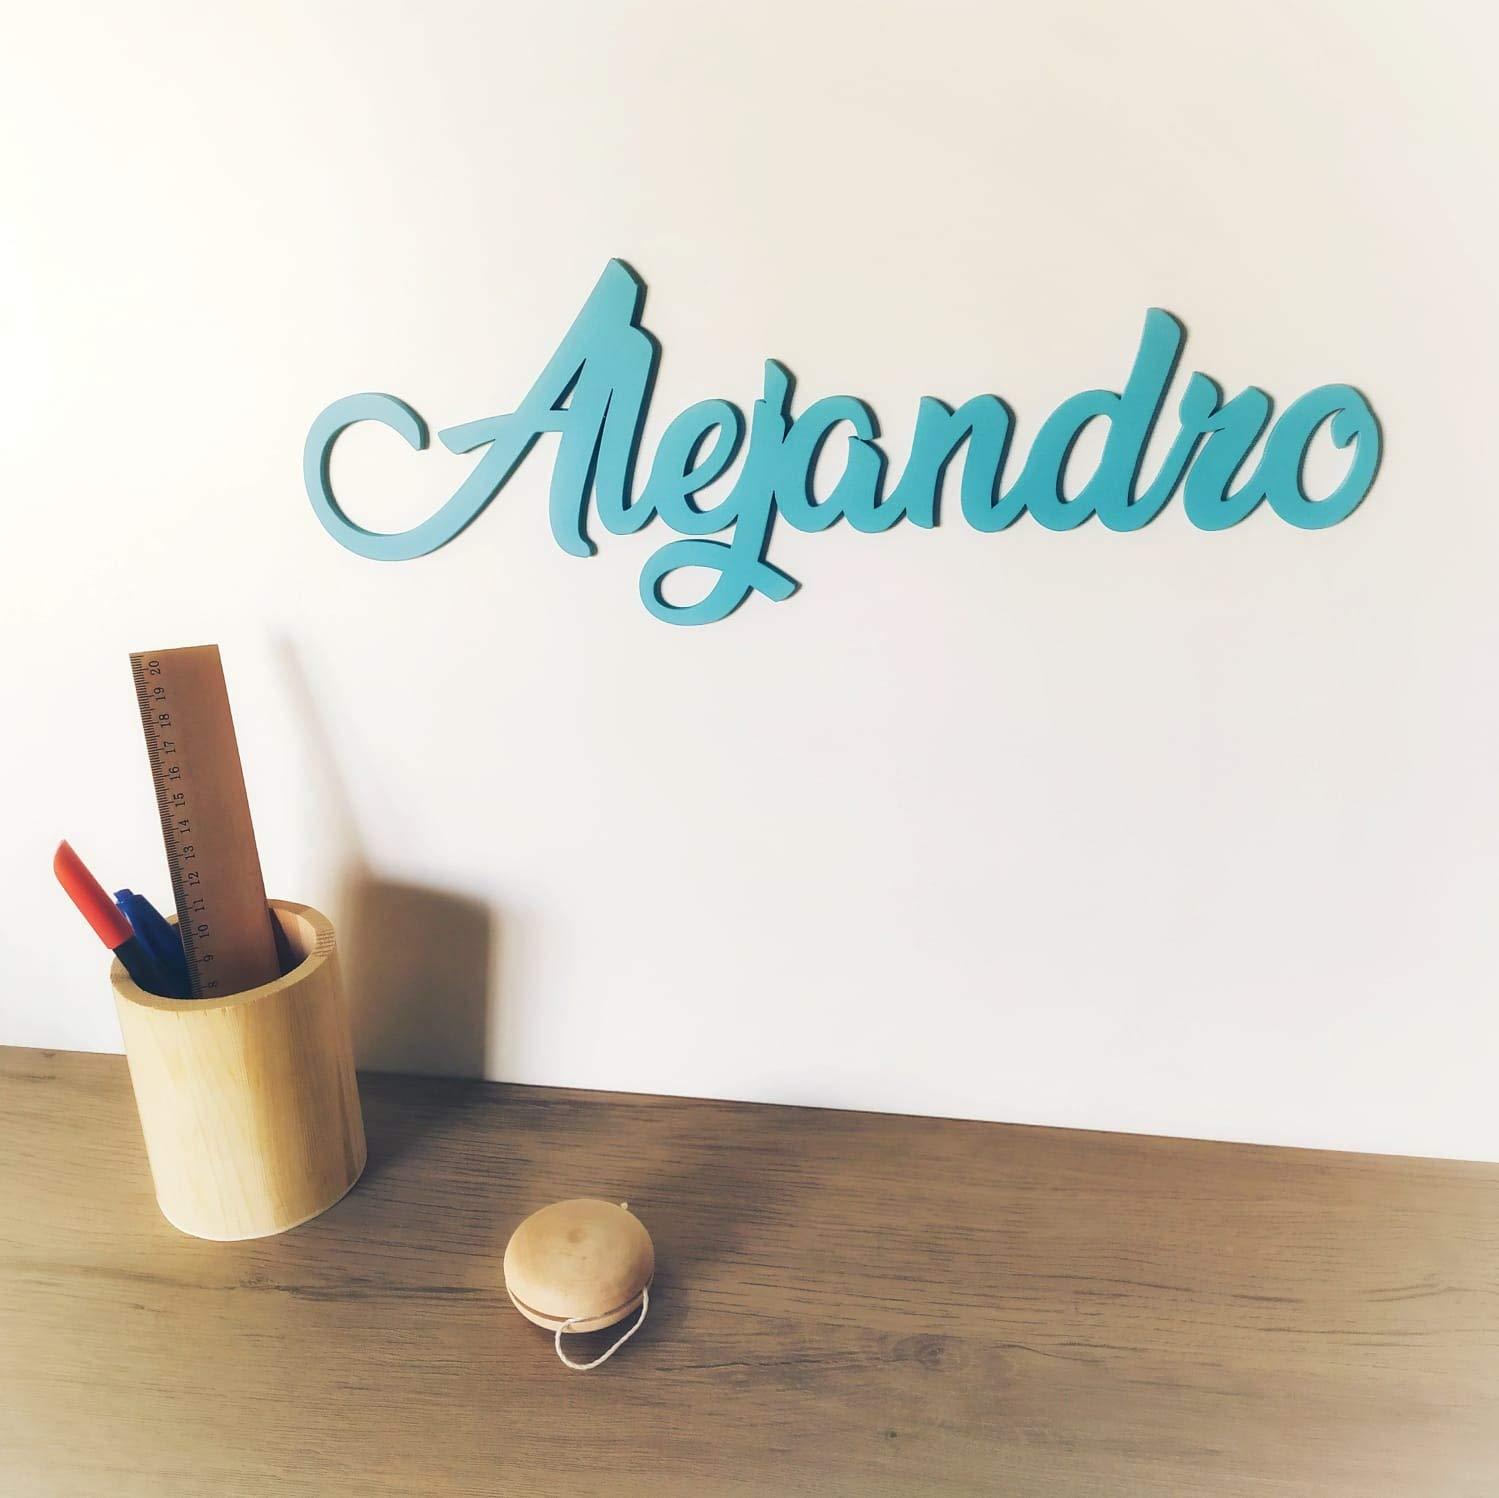 Nombre de madera personalizado para colocar en la puerta o decorar la habitación de tu bebe de una forma original. Para el cabecero, la pared o cajón de los juguetes.